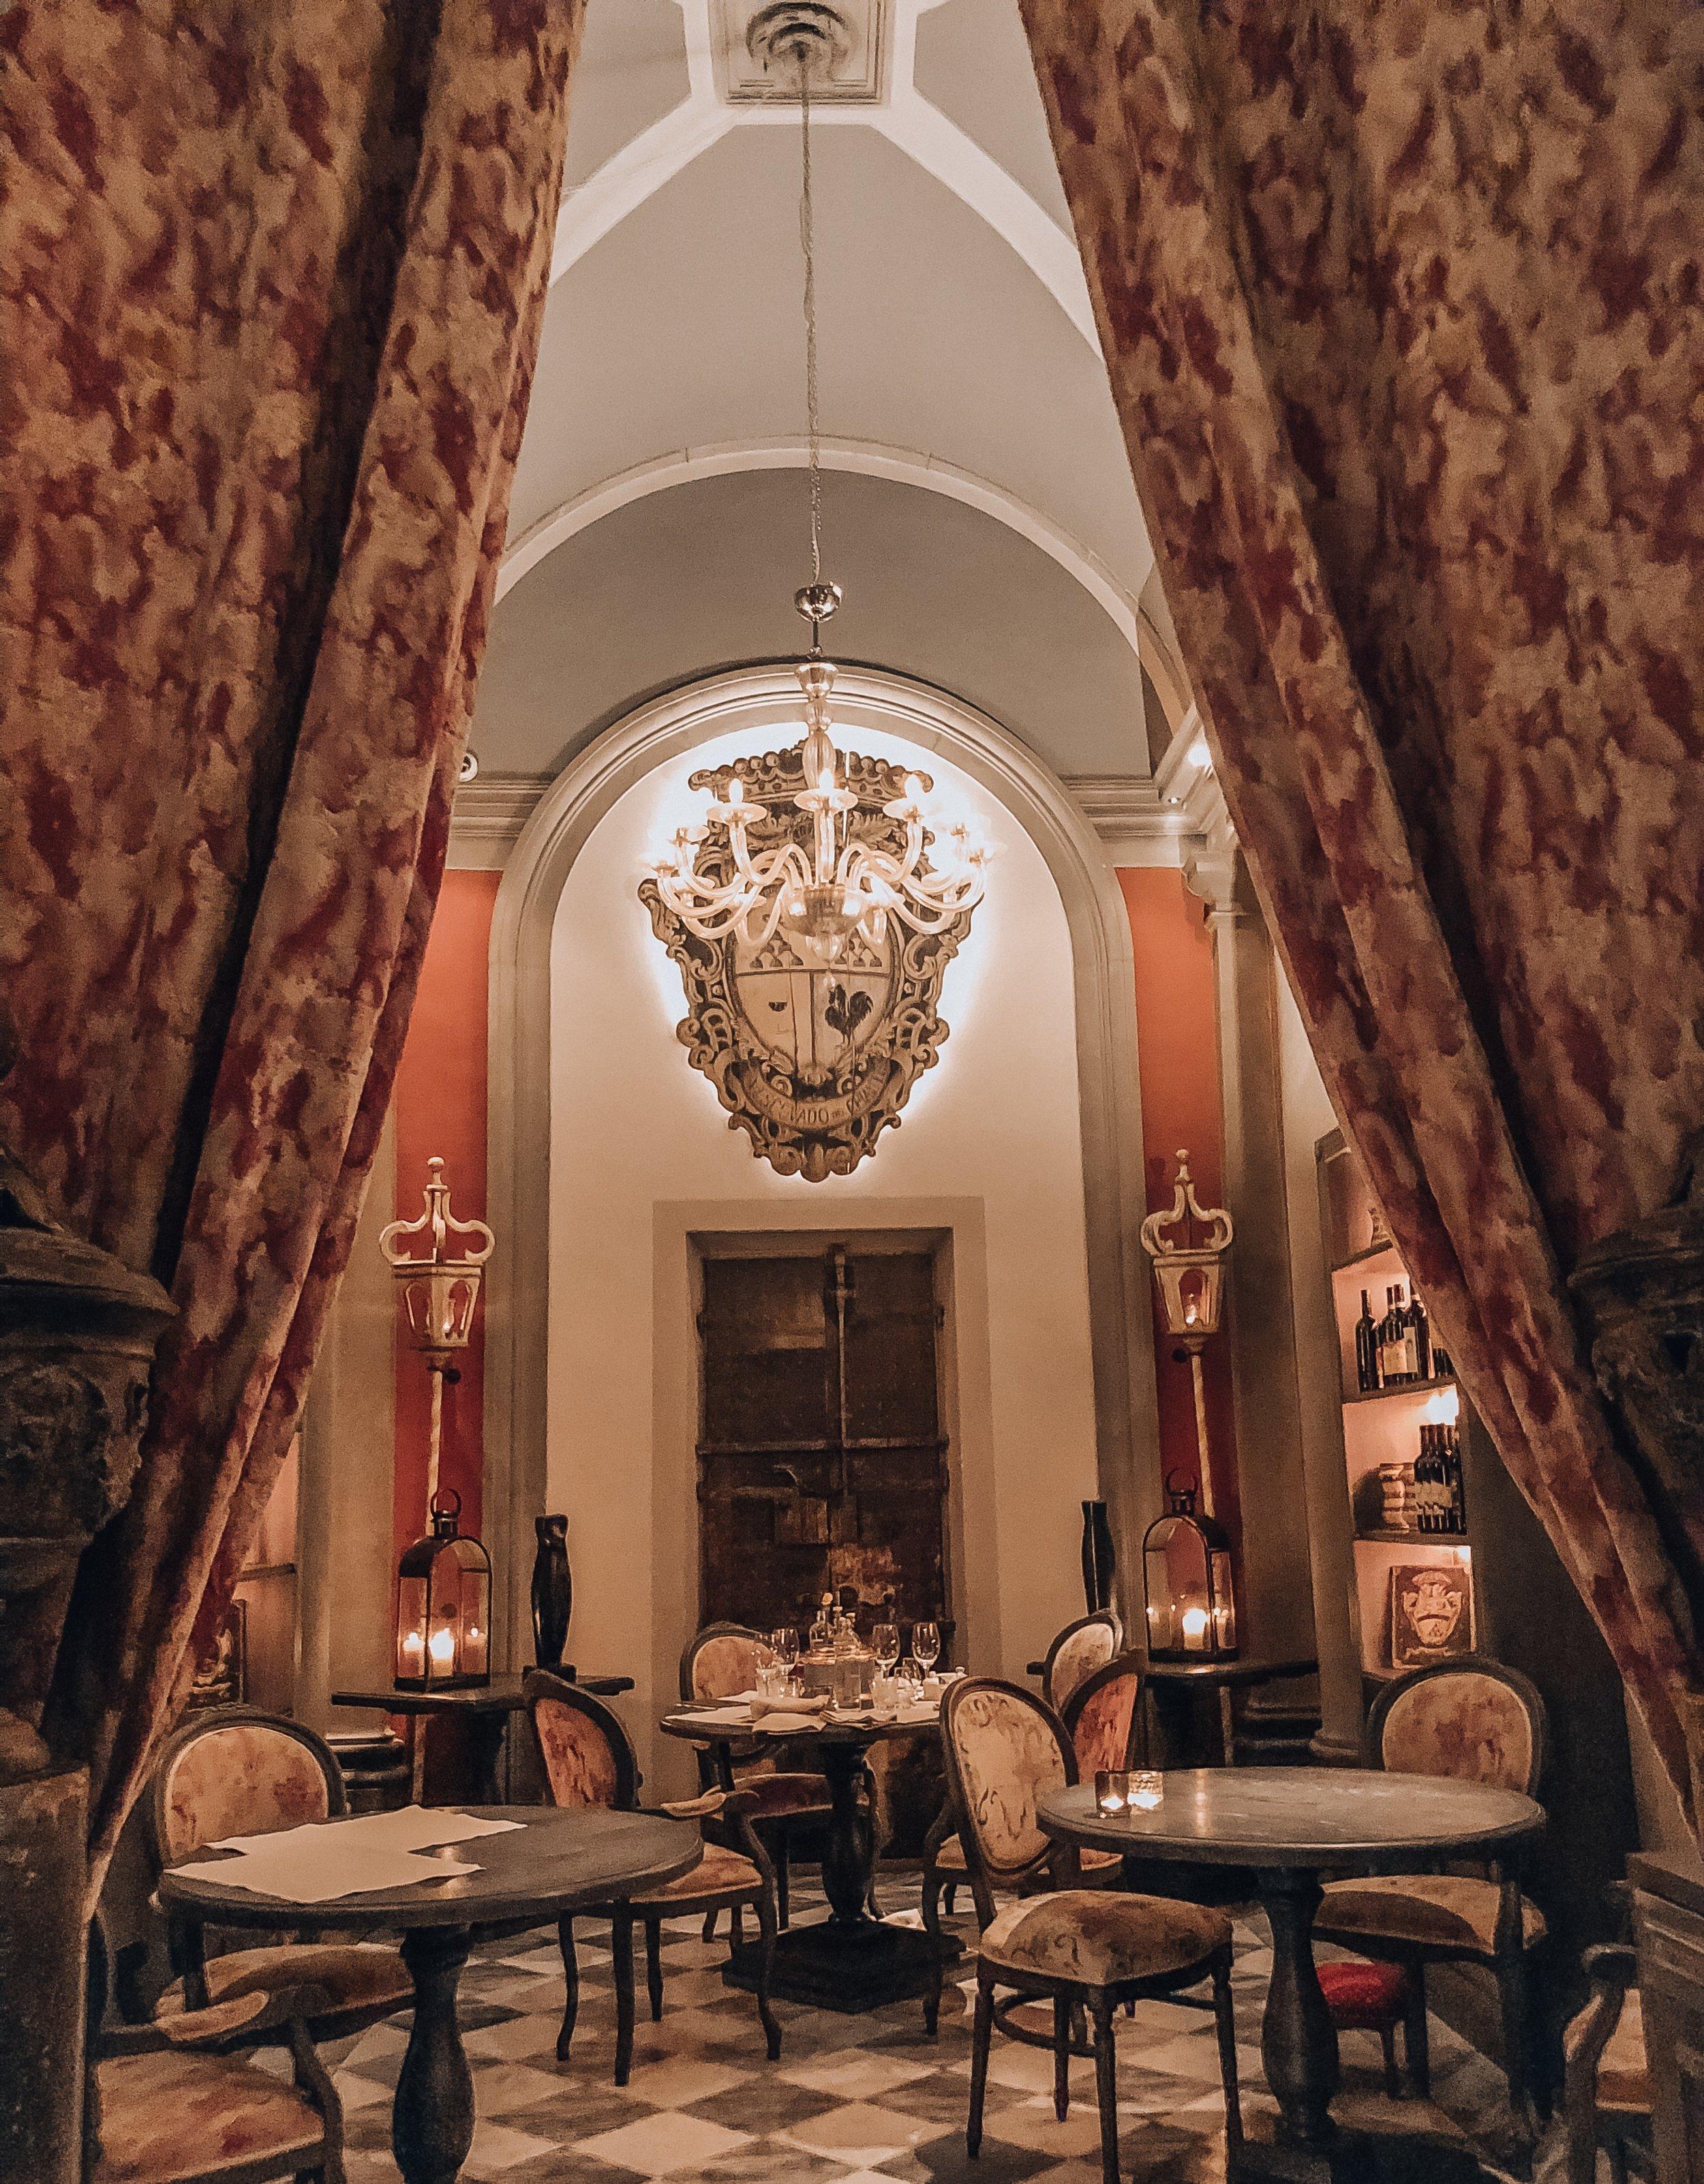 Locale Florence Italy ( Via delle Seggiole, 12/red, 50122 Firenze FI, Italy )